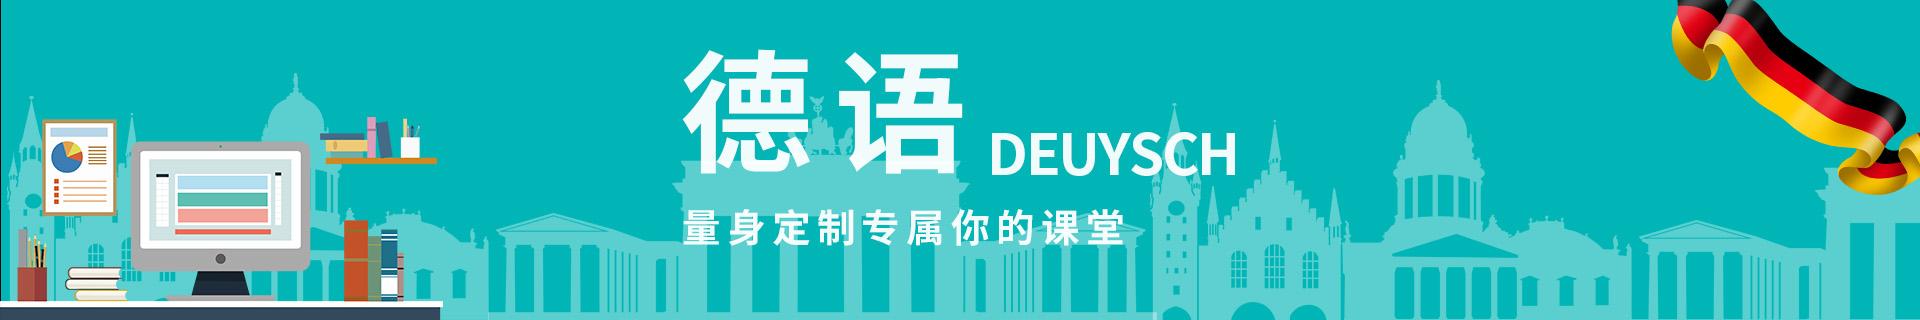 上海黄浦区欧风小语种